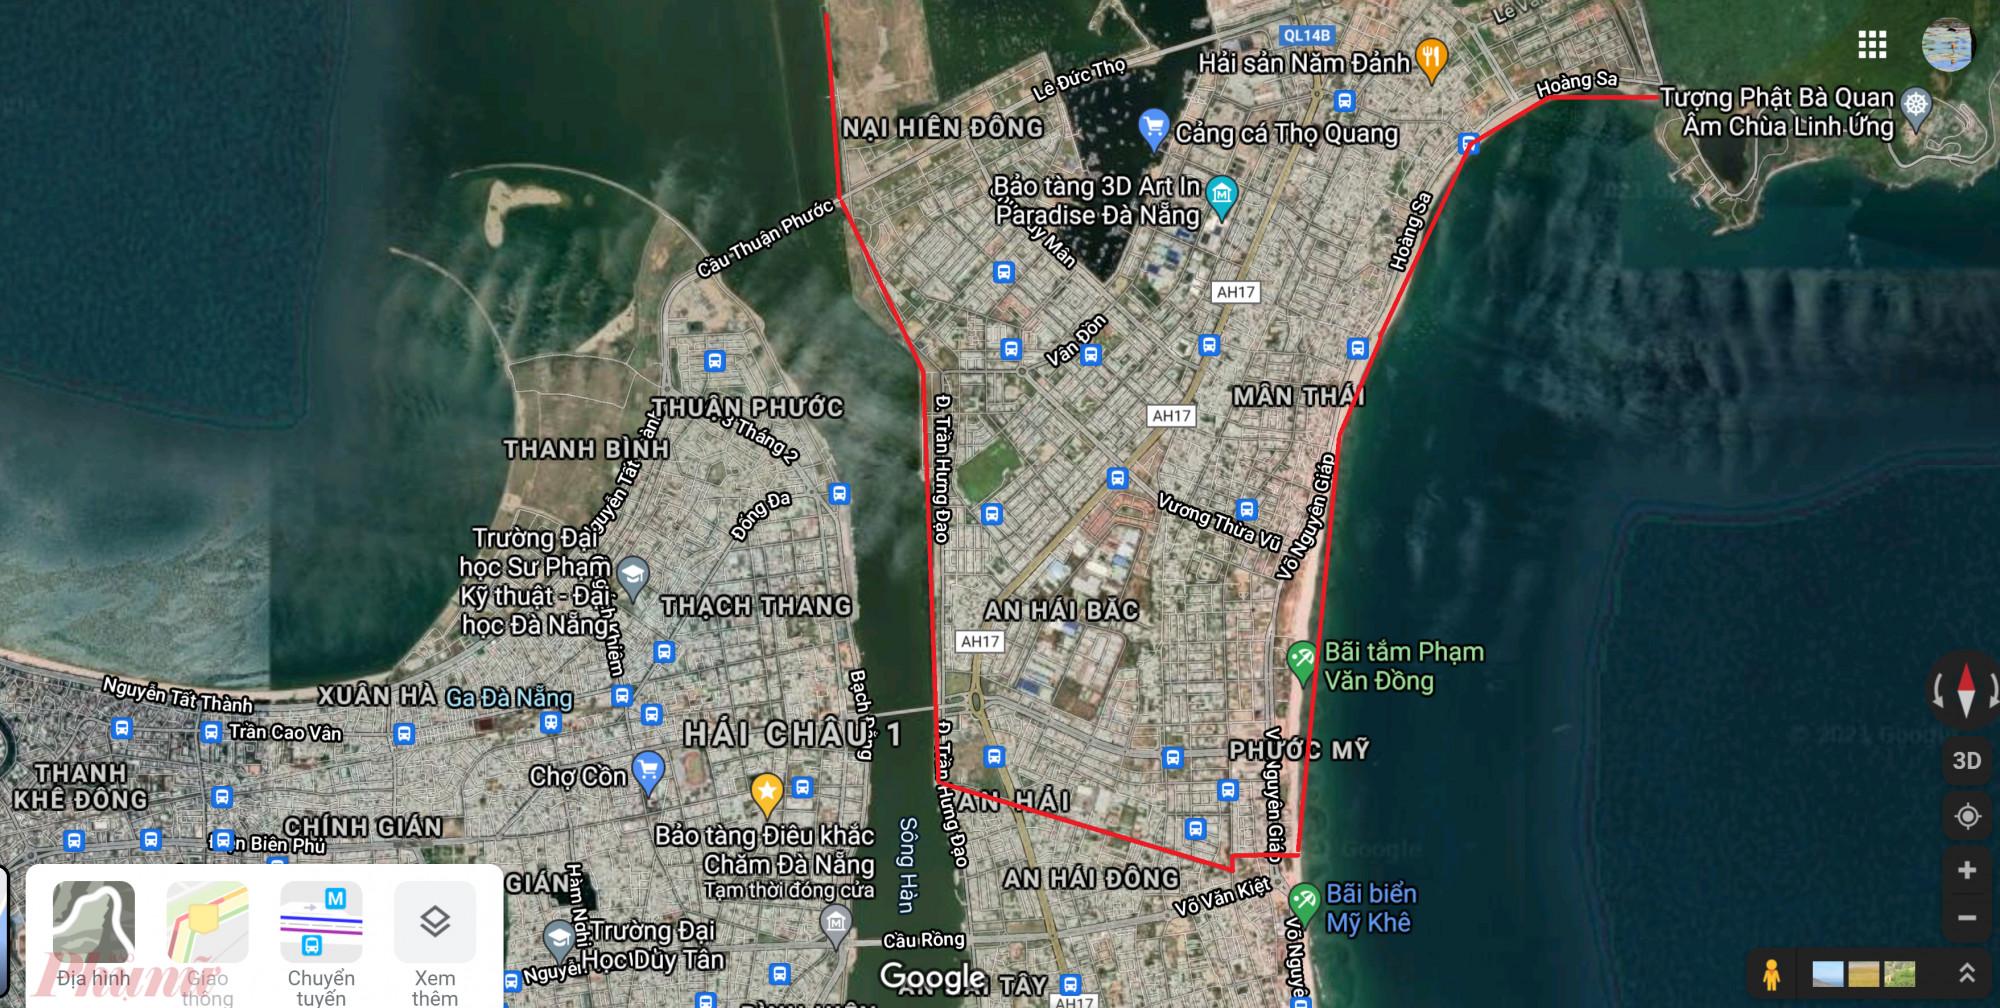 Các chốt chặn được chính quyền quận Sơn Trà thiết lập bao quanh vùng khoanh đỏ, bên trong là 5 phường đang có nhiều ca nhiễm